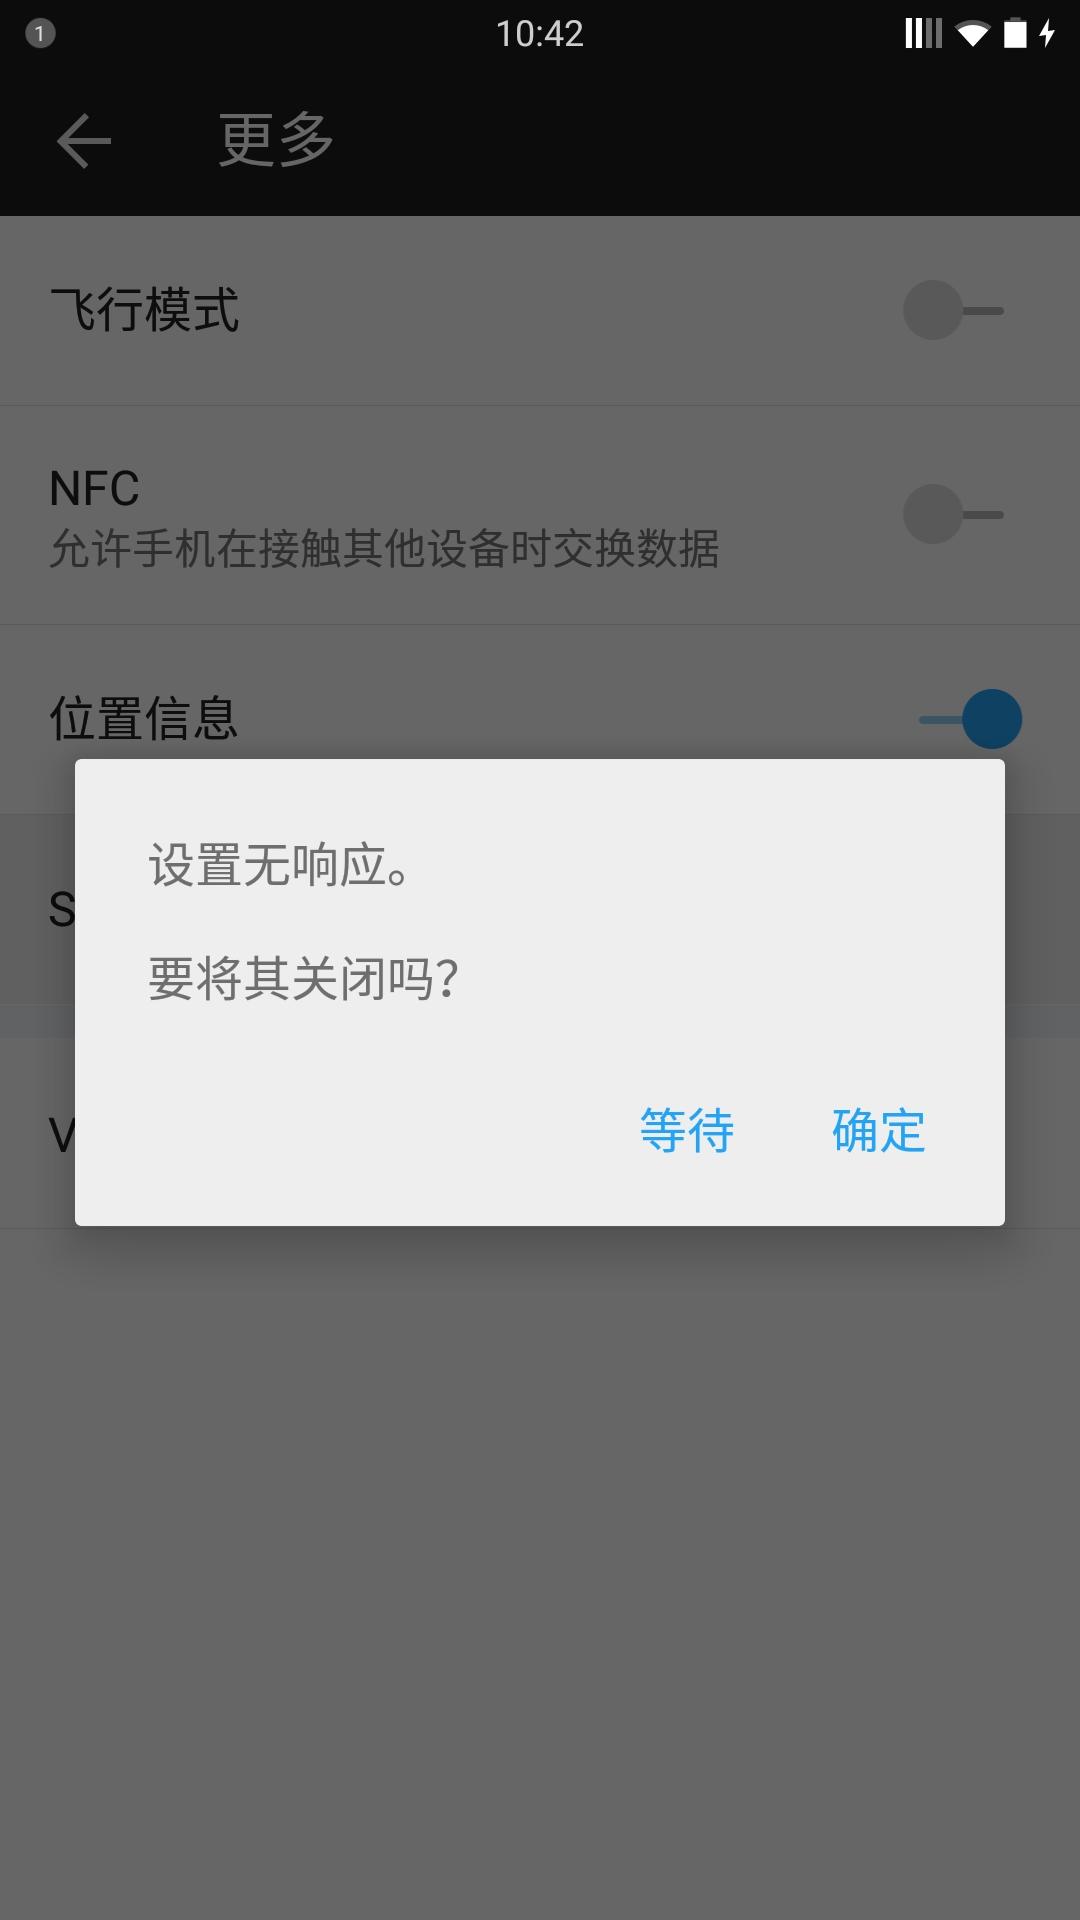 应用宝截屏2015060602.png